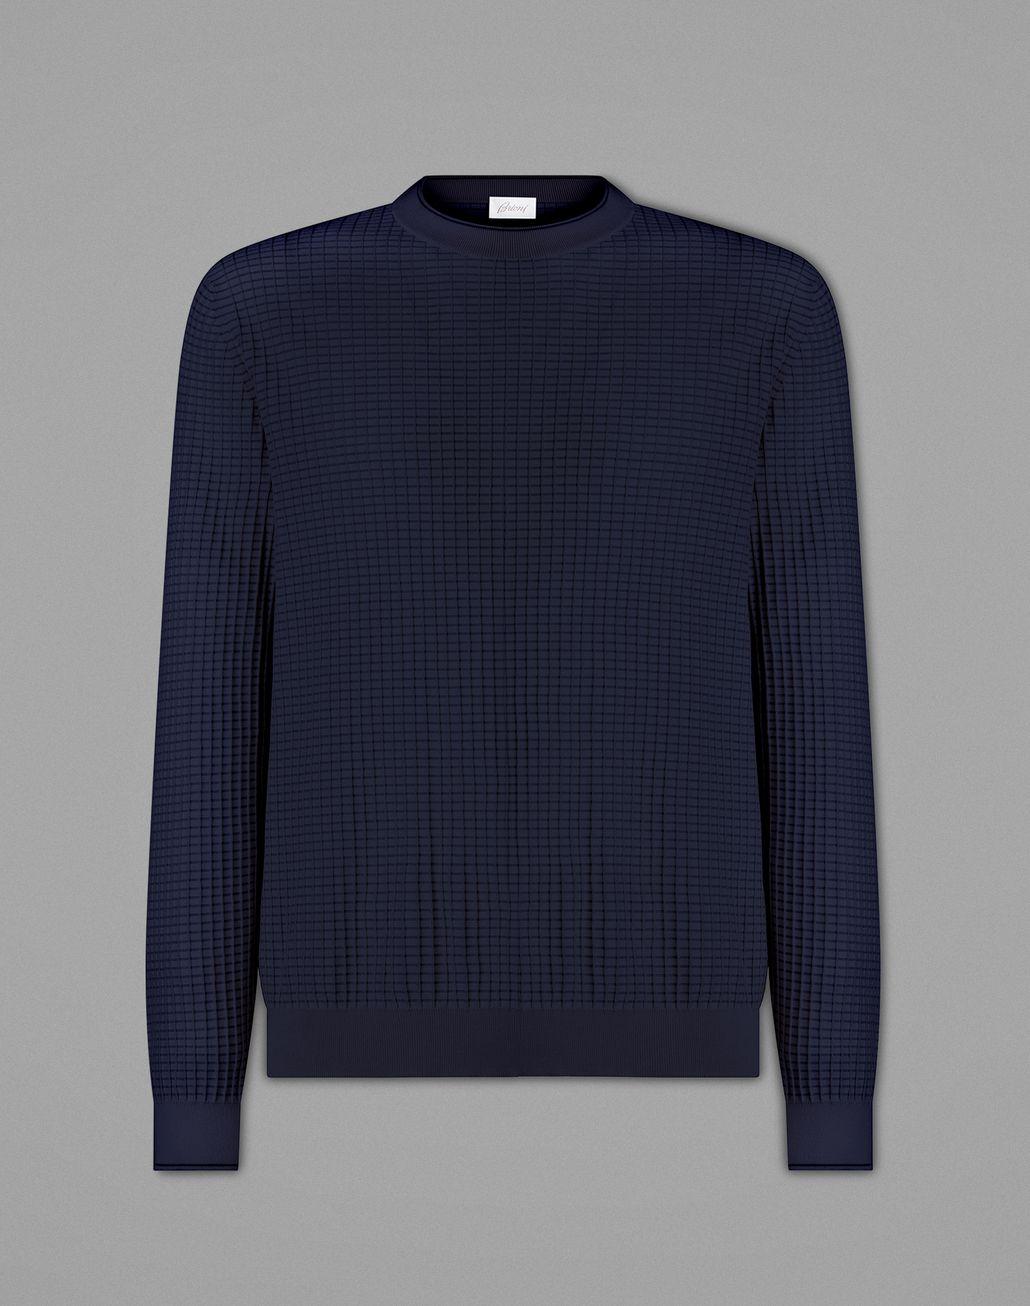 BRIONI Blue Crewneck Sweater Knitwear Man f